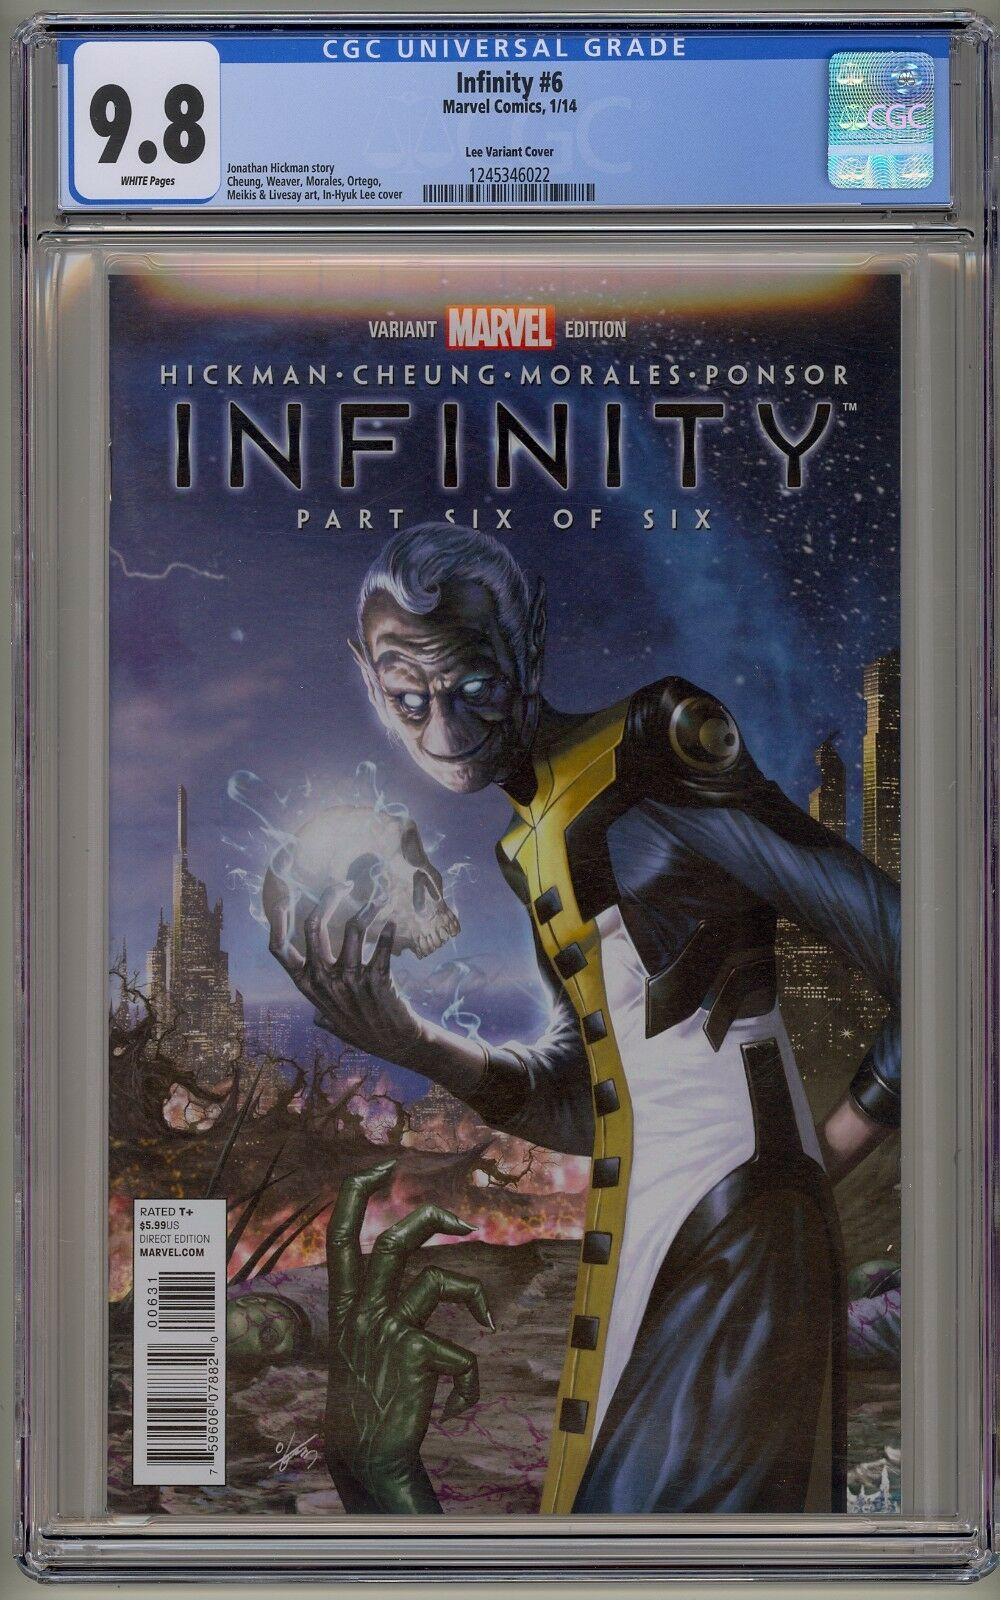 Infinity 1 2 3 4 5 6 CGC 9.8 Lee Variant War Black Order Avengers Thanos Endgame